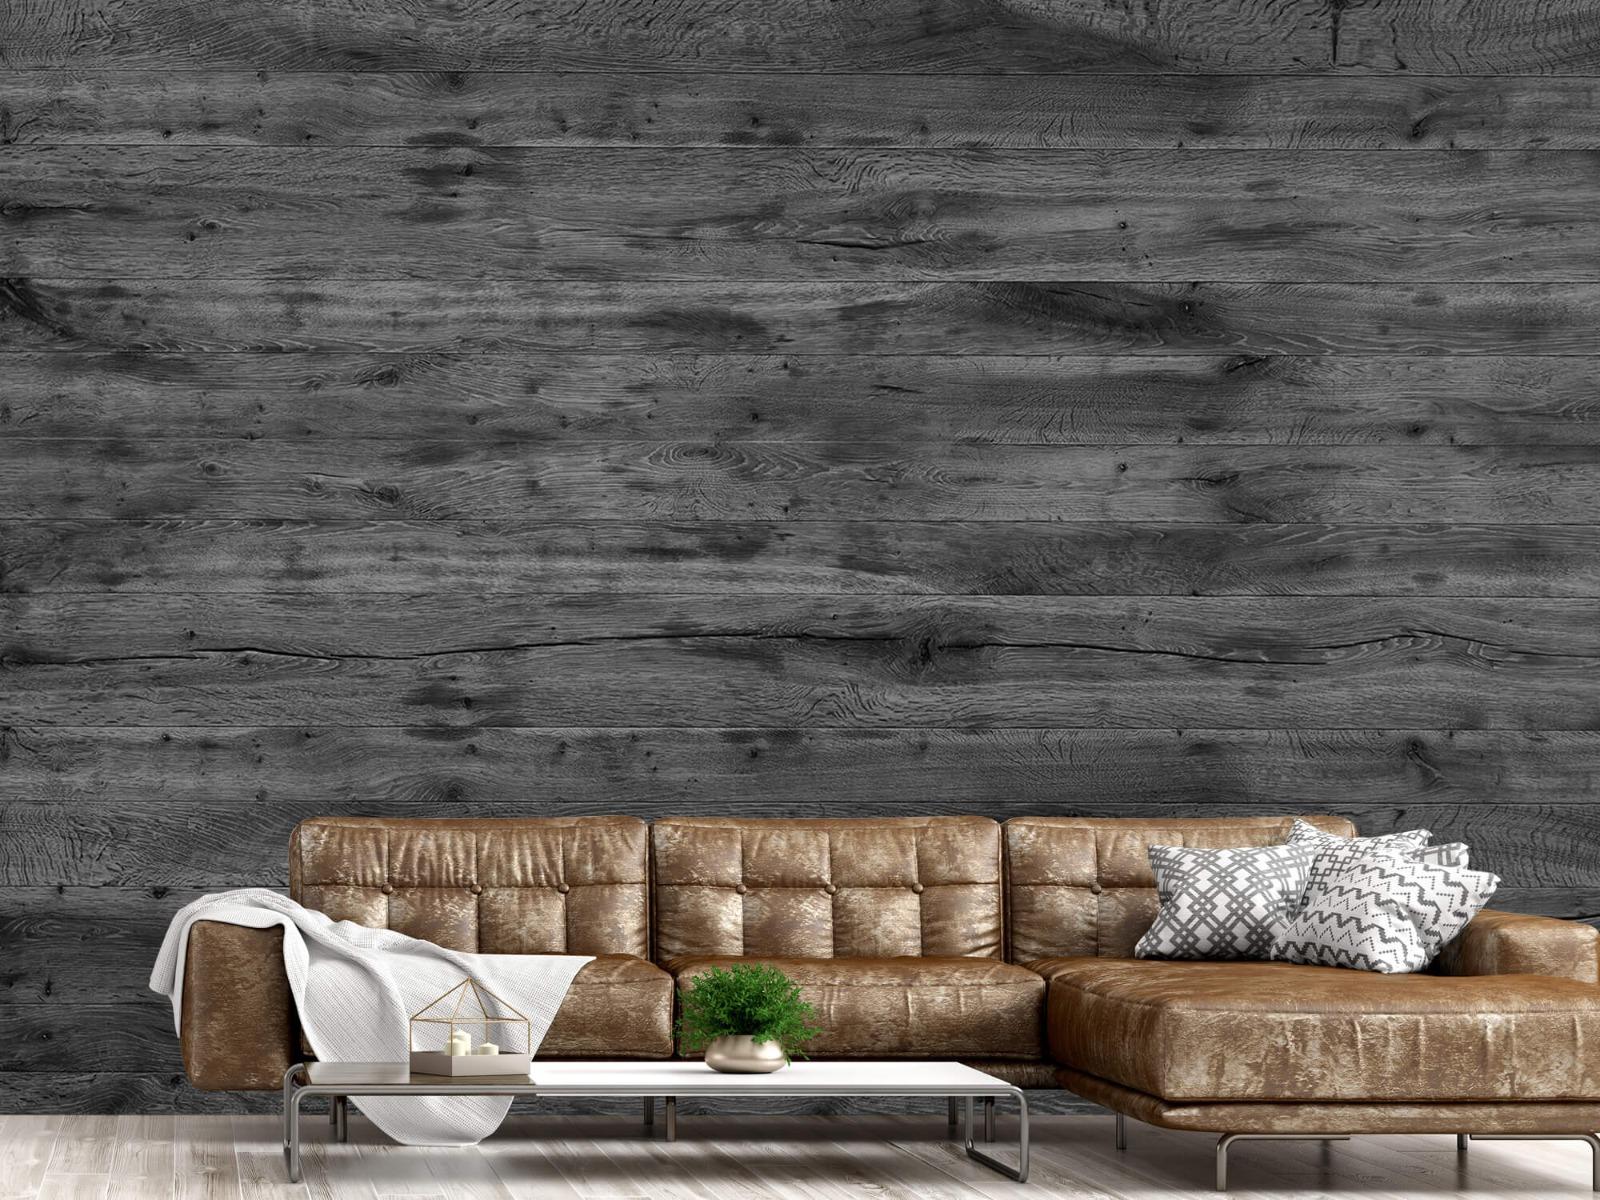 Hout behang - Grijze houten planken - Directie 16